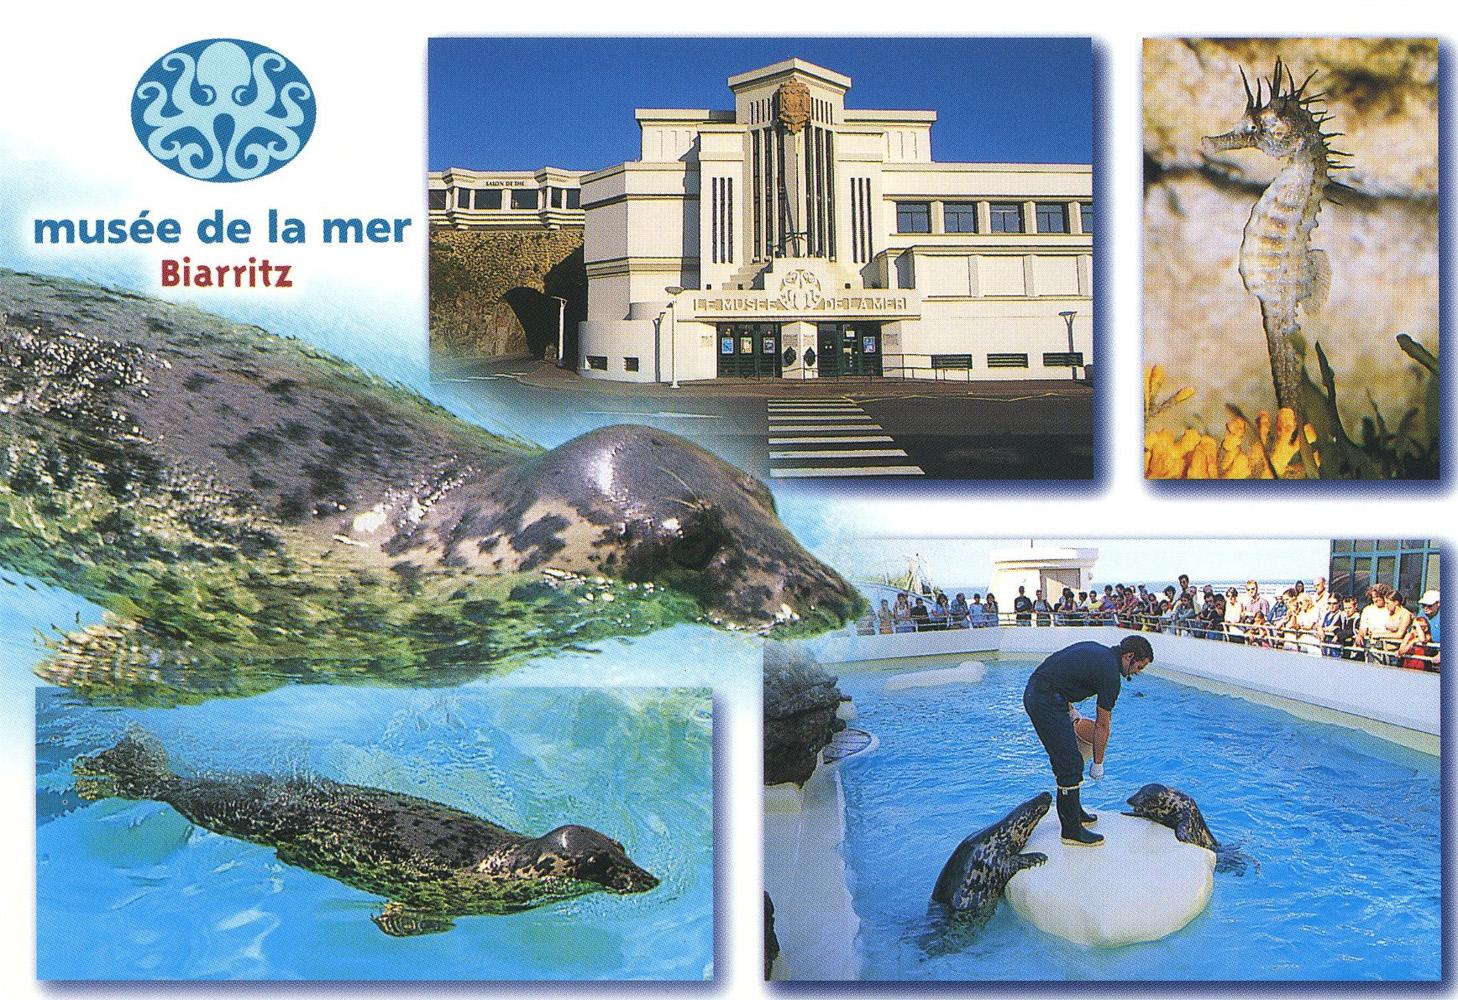 Les Zoos dans le Monde - Musée de la Mer de Biarritz